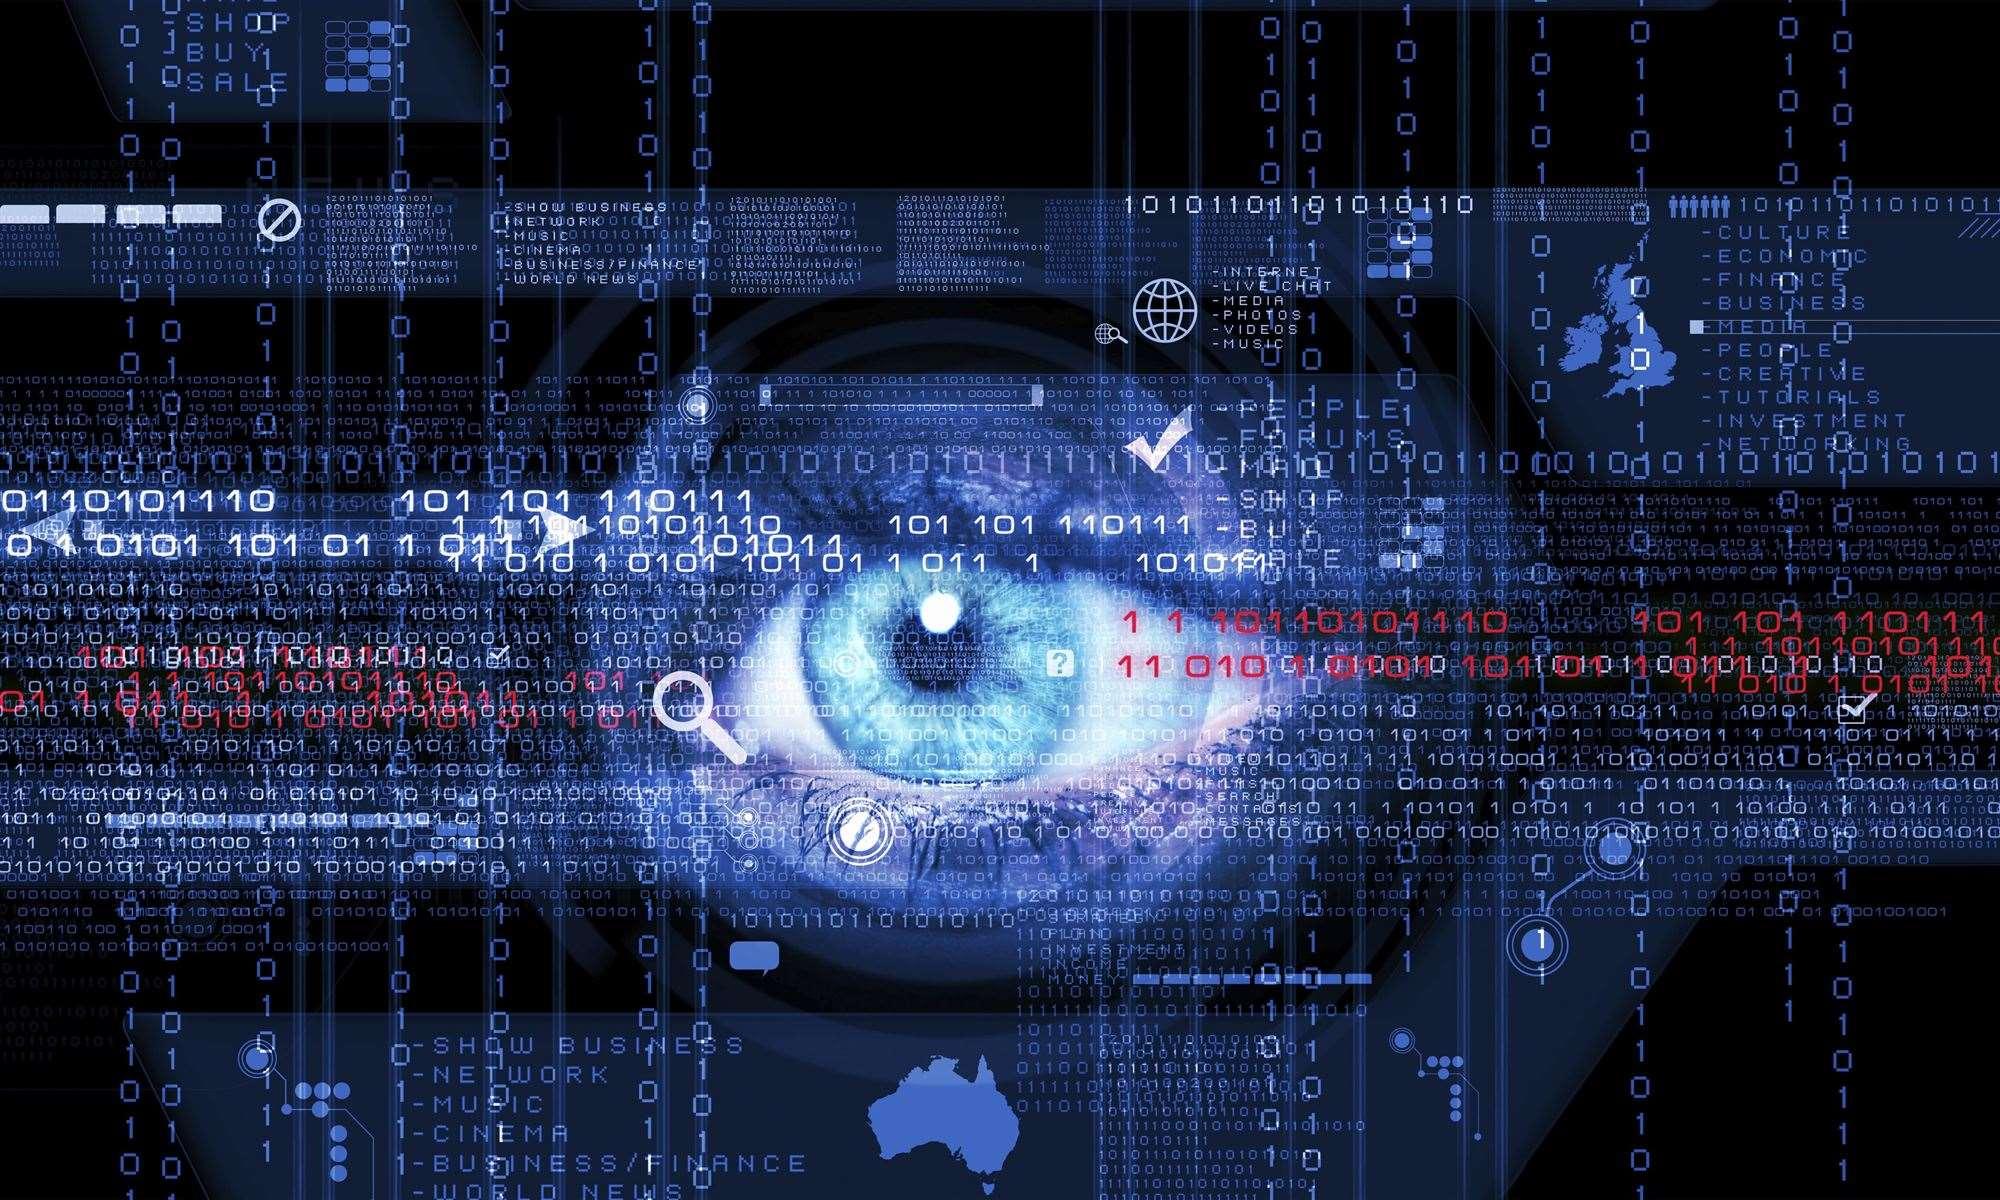 Nothing Beats Bulk Intelligence Gathering Us Report